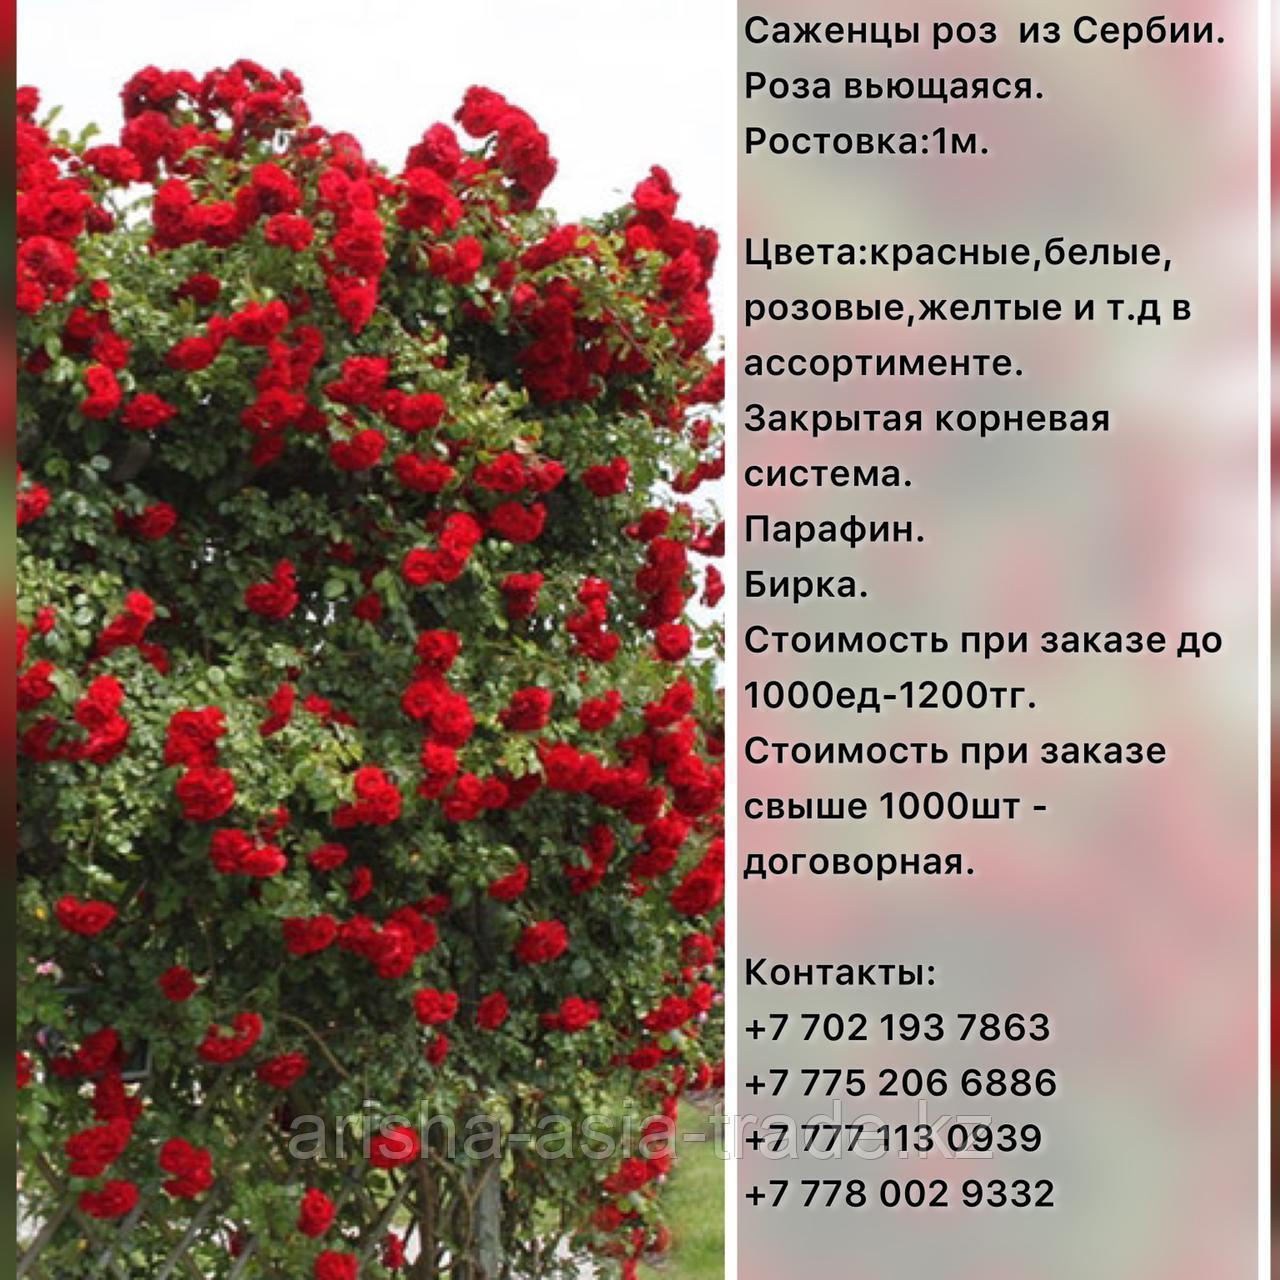 Саженец розы вьющейся и плетистой Сербия